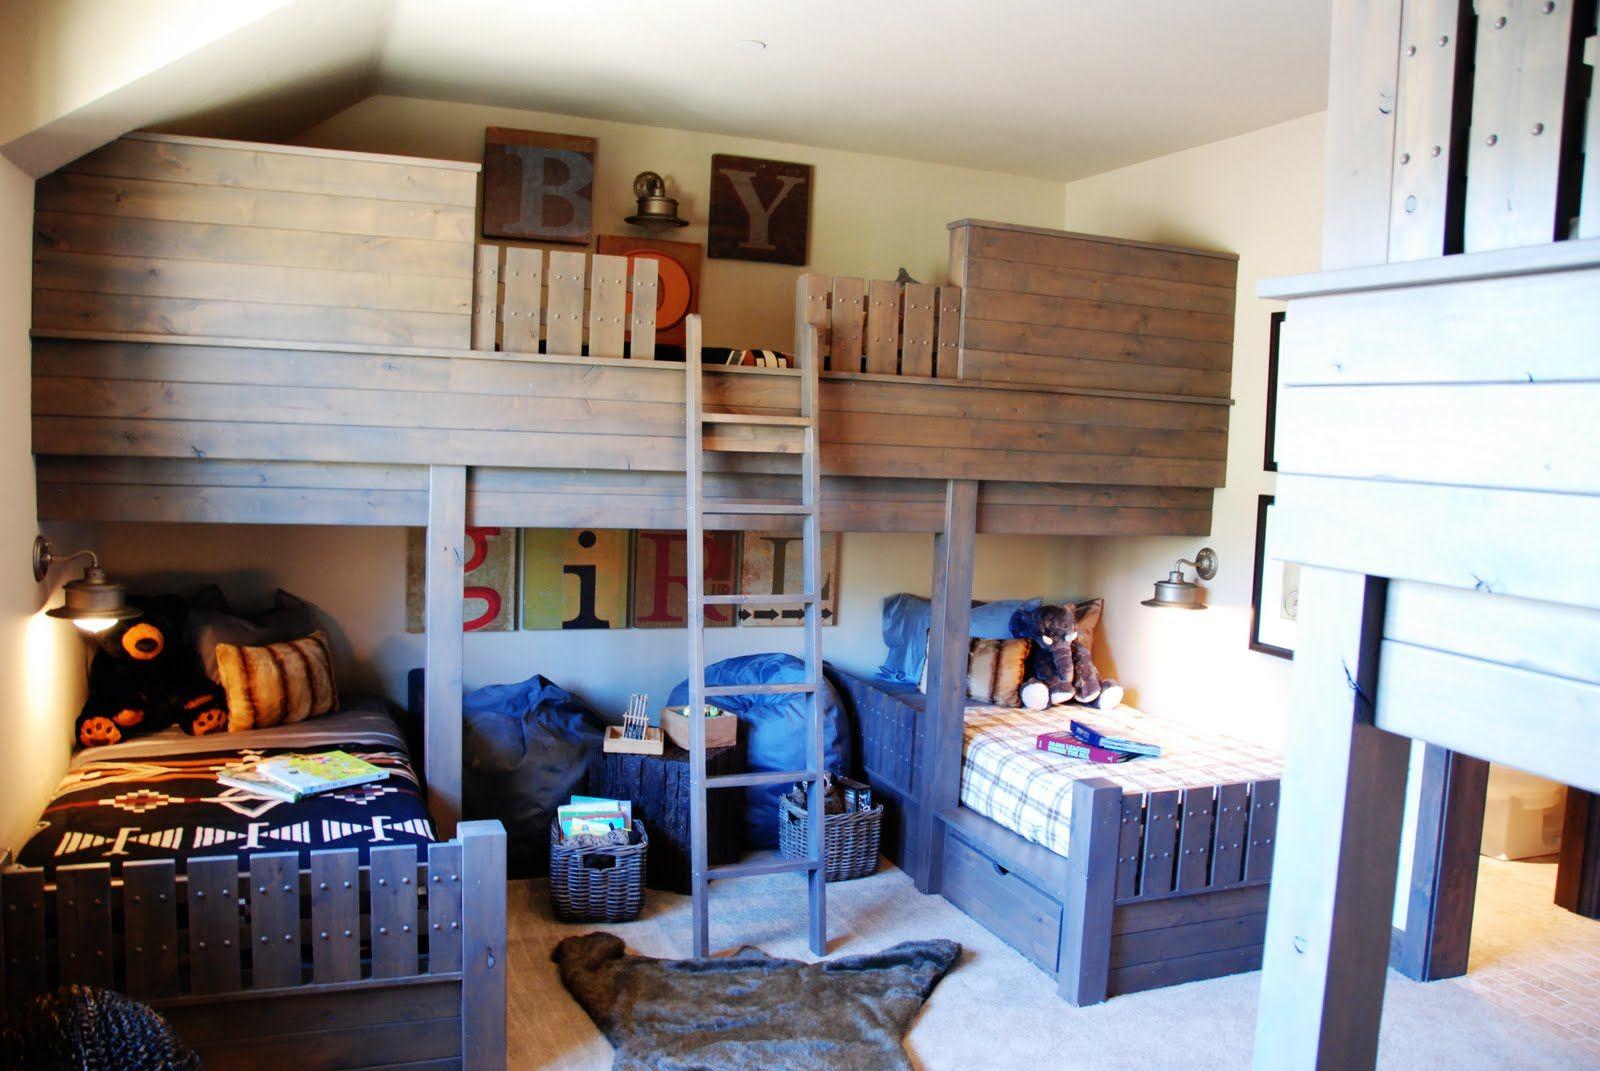 Bunk Beds For Short Ceilings | Atcsagacity.com